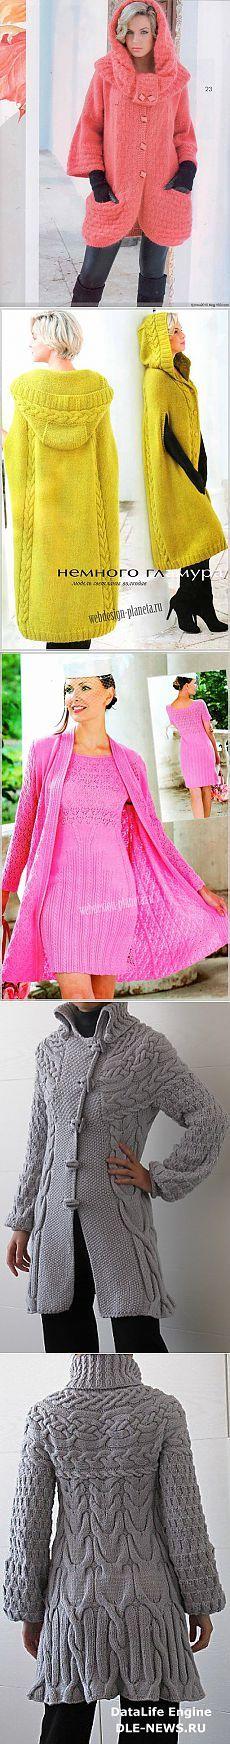 Вязание спицами-пальто | Записи в рубрике Вязание спицами-пальто | Дневник Nina